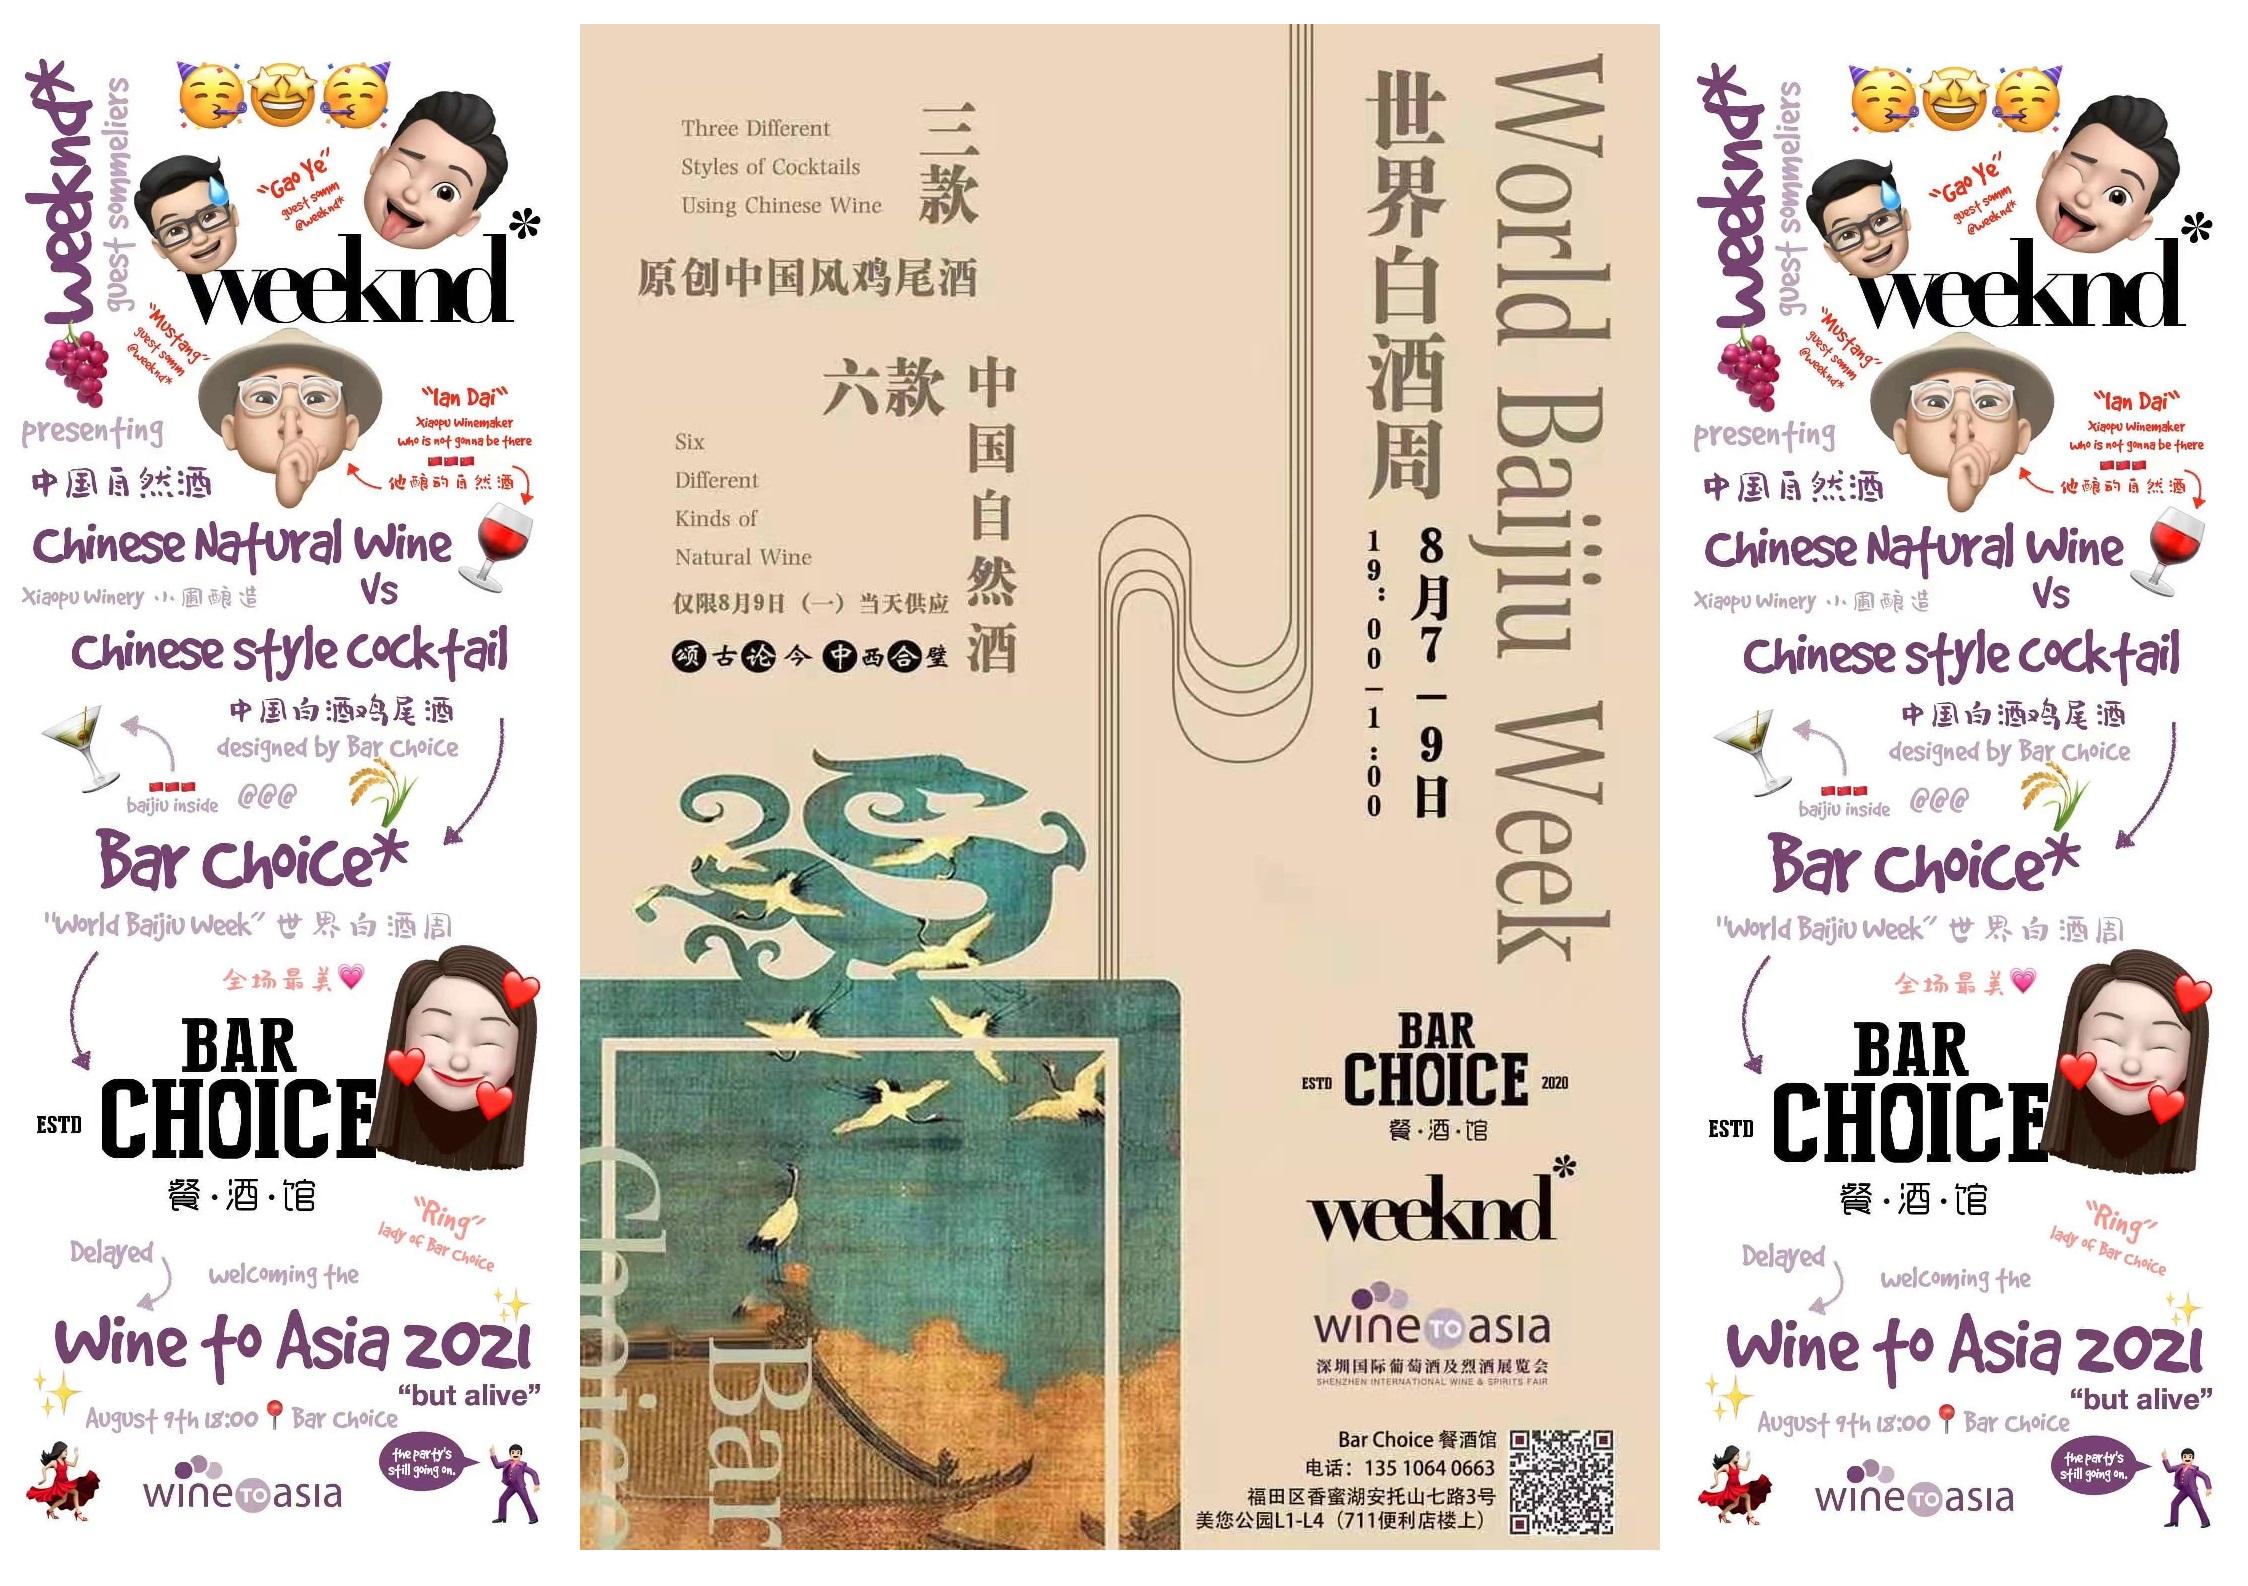 world baijiu day 2021 shenzhen weeknd wine bar choice baijiu cocktail banner